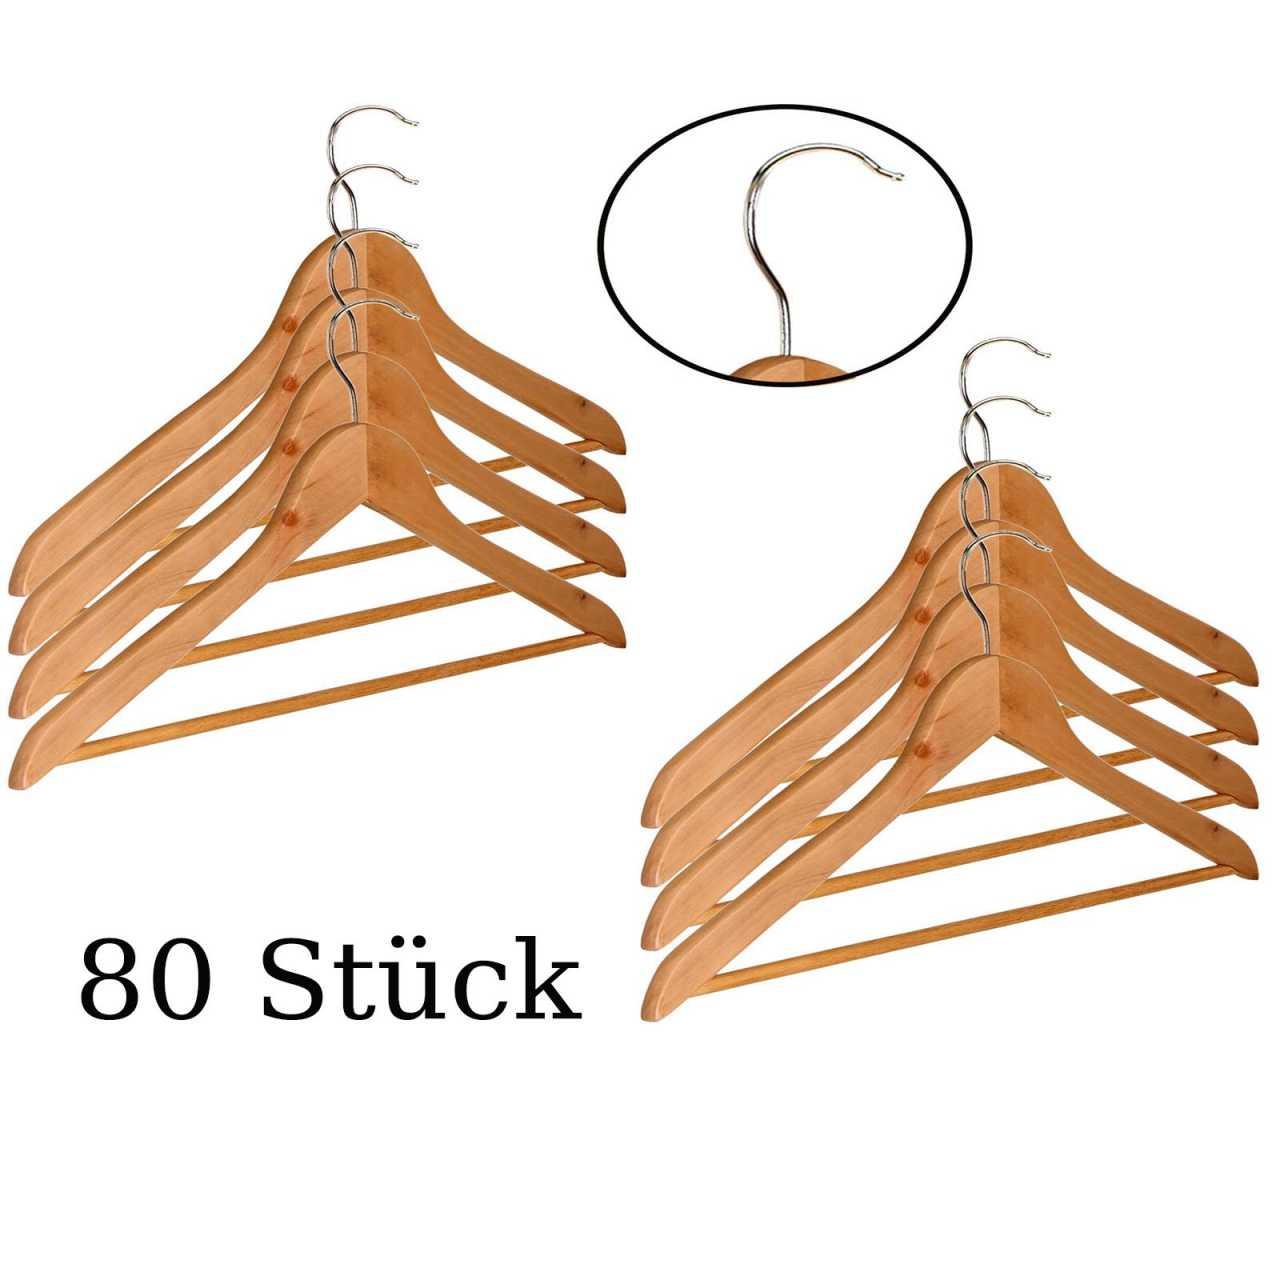 80 Stück Kleiderbügel aus Holz mit Hosenstange und Einkerbung für Träger